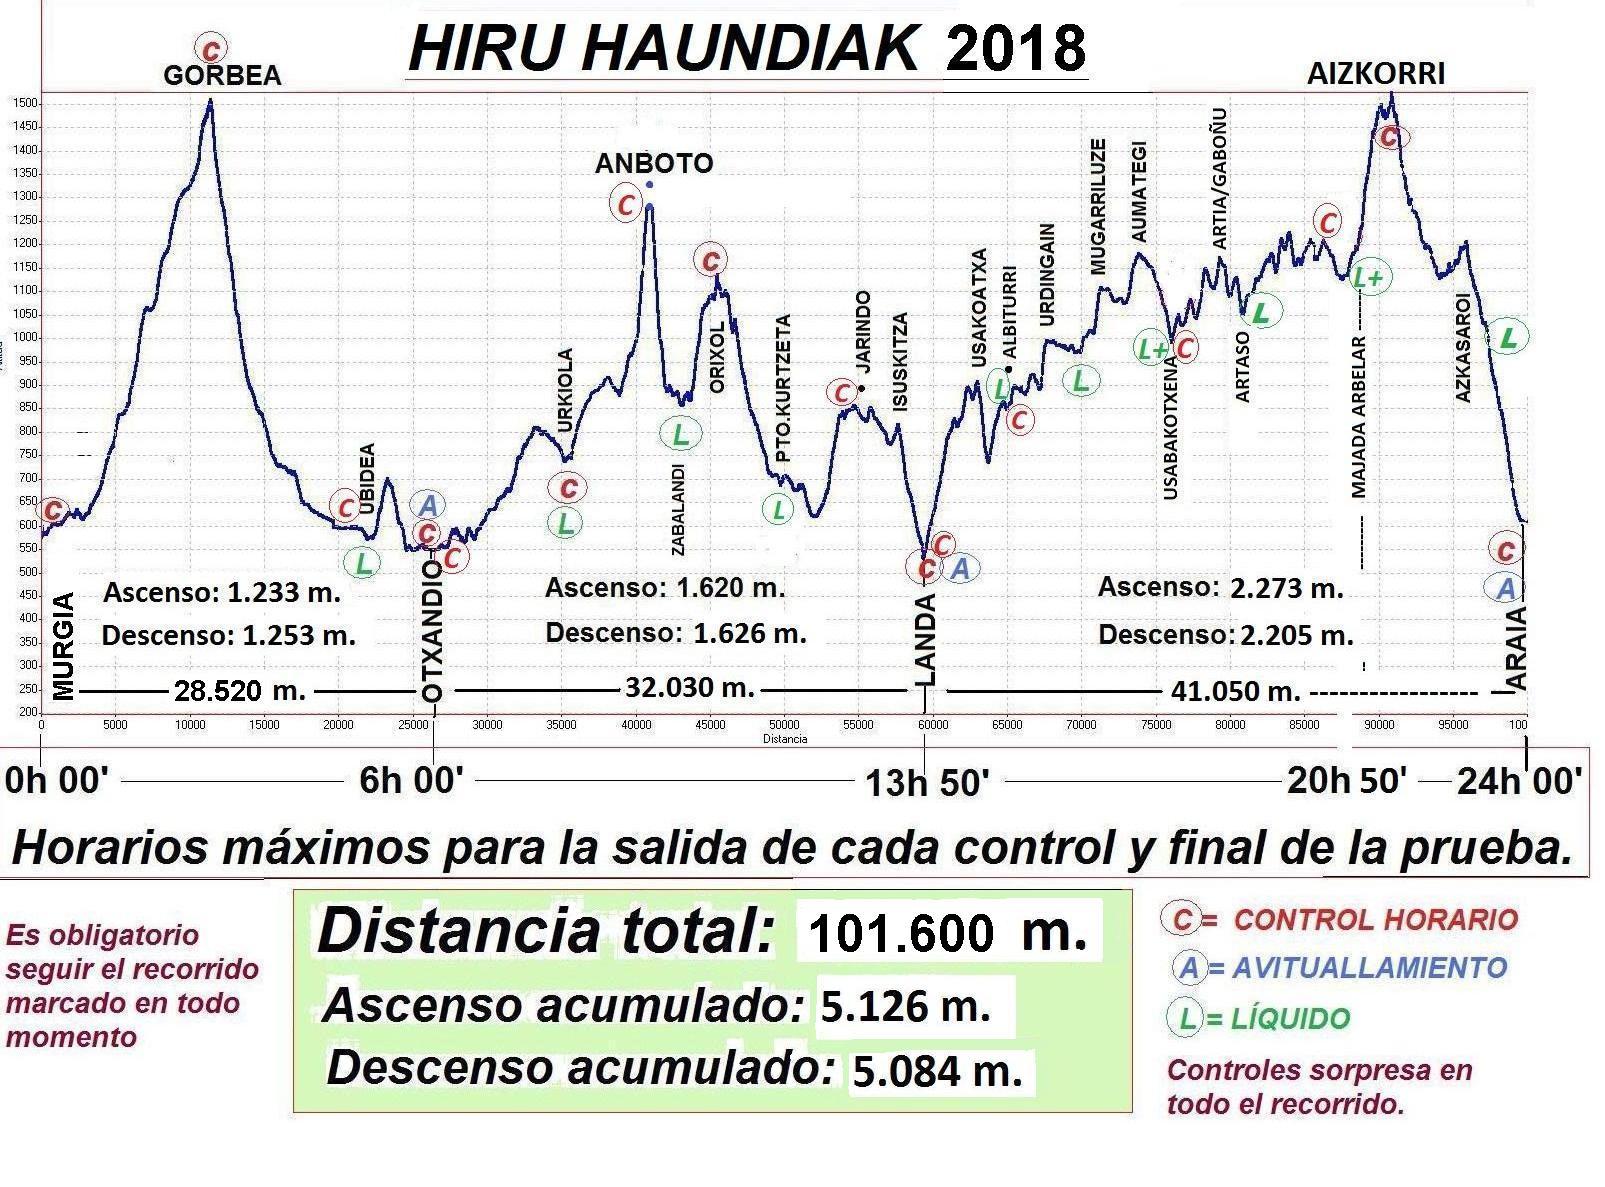 Hiru Haundiak 2018